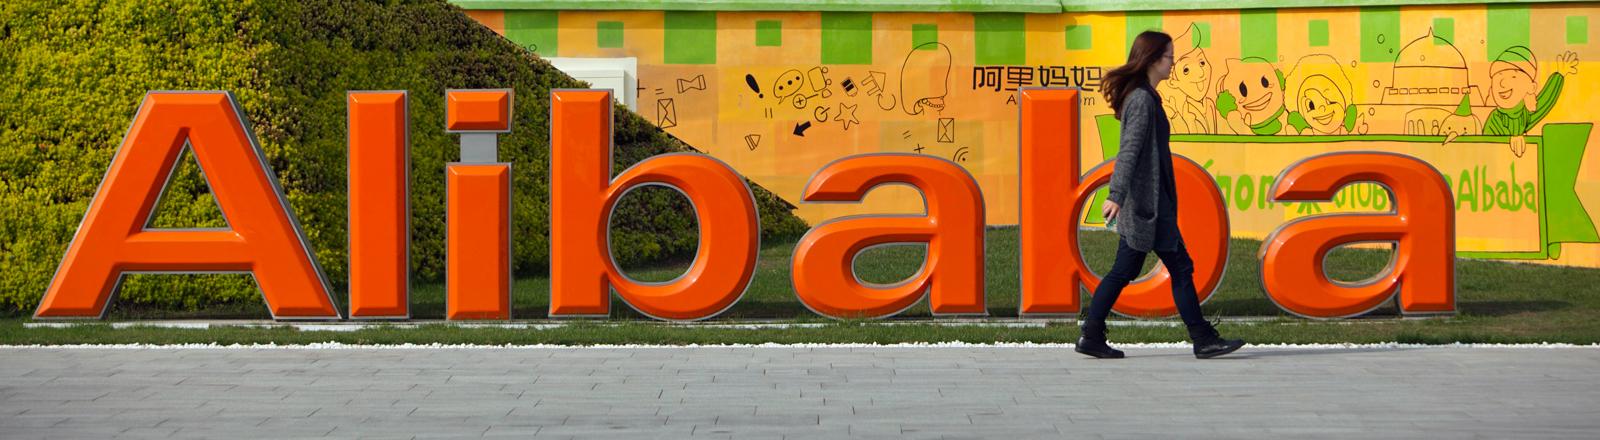 Eine Frau geht am 04.11.2013 am Firmenlogo von Alibaba in der chinesischen Stadt Hangzhou vorbei.